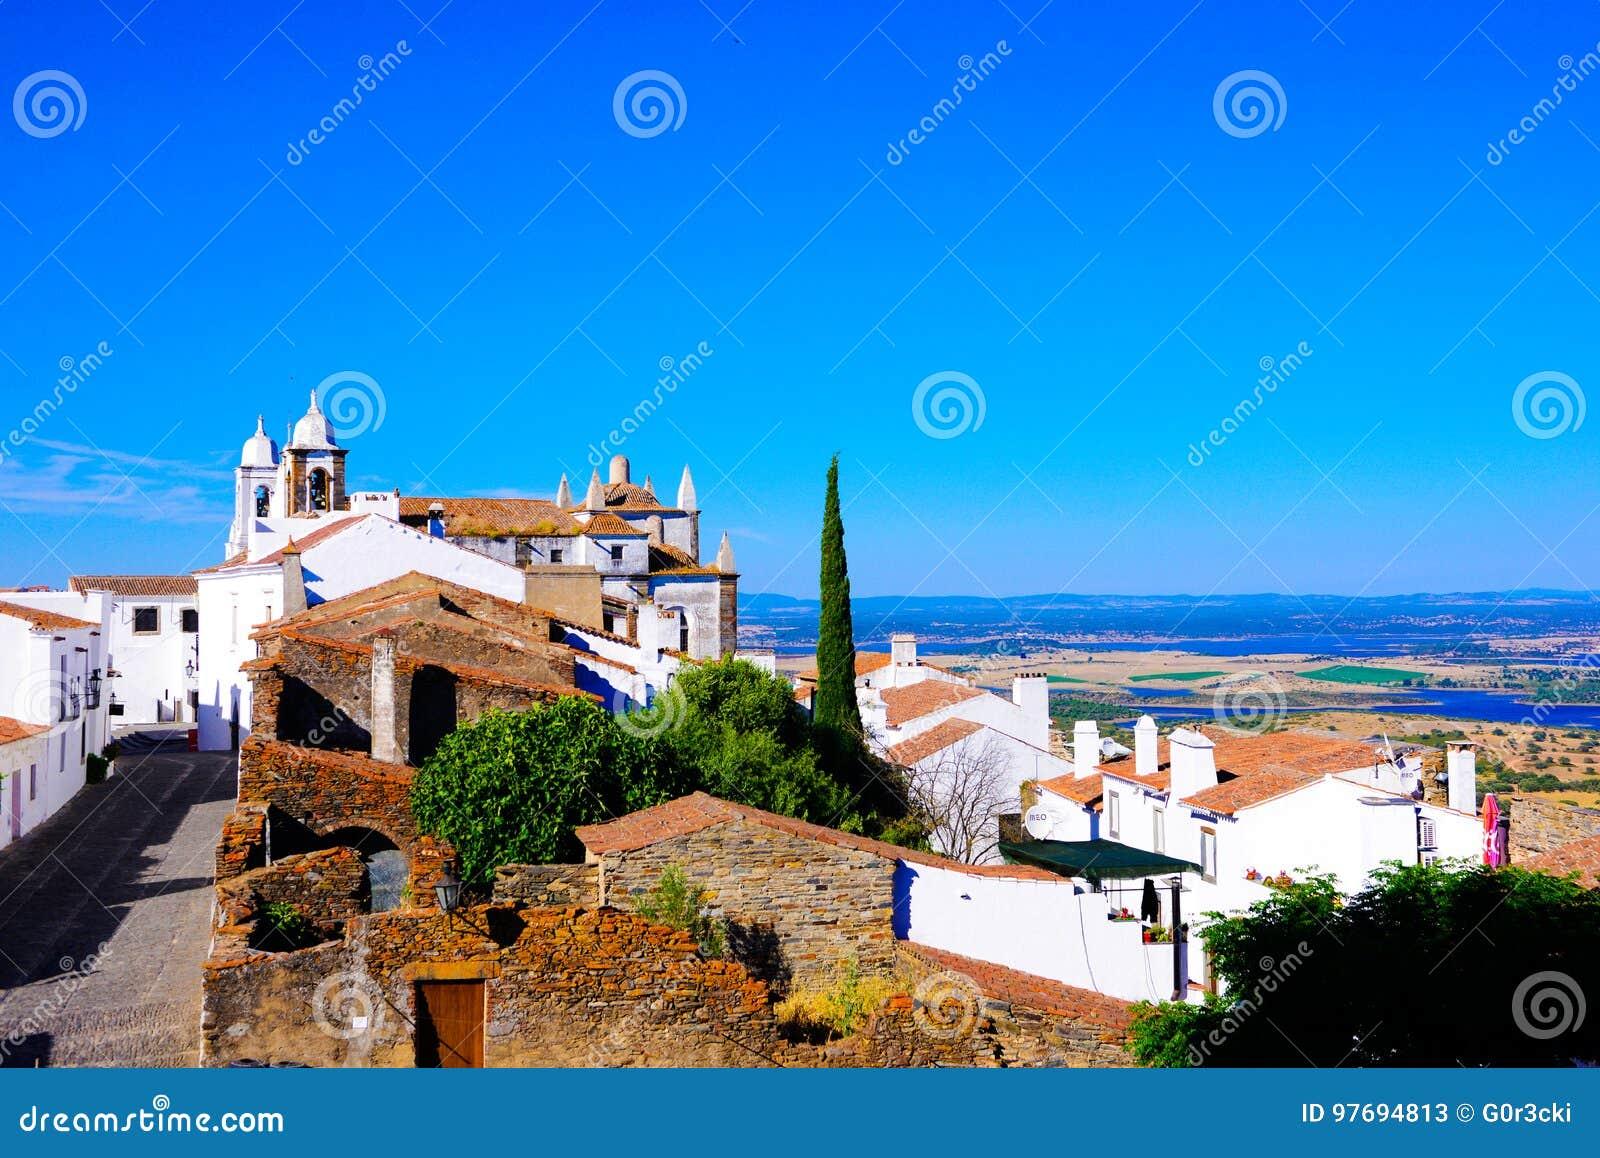 Vista del castello - villaggio pittoresco, Monsaraz - pianura dell Alentejo, paesaggio del sud del Portogallo